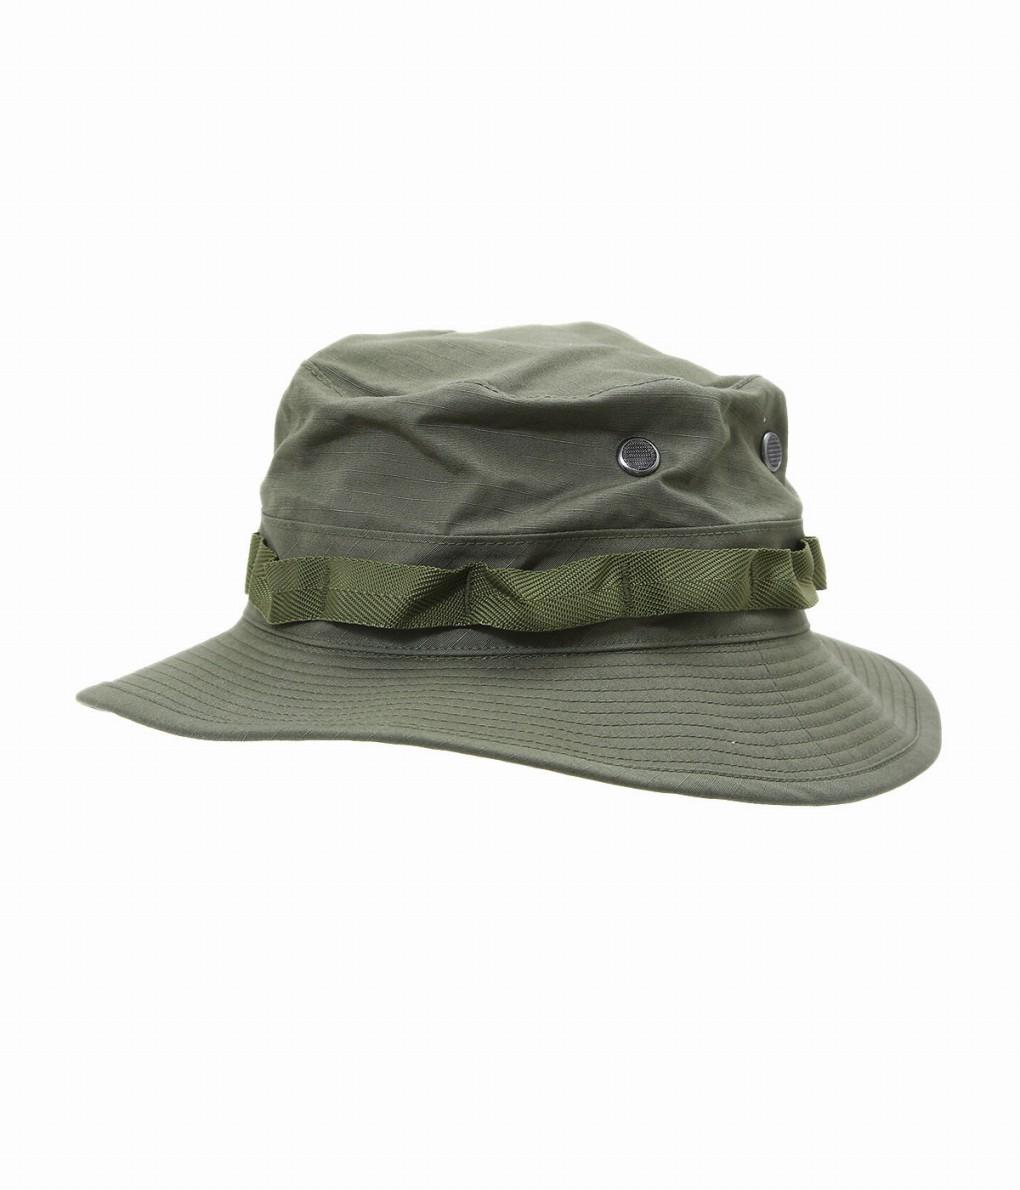 orSlow / オアスロウ : US ARMY JUNGLE HAT : ユーエスアーミージャングルハット 帽子 メンズ レディース ユニセックス : 03-023-76 【STD】